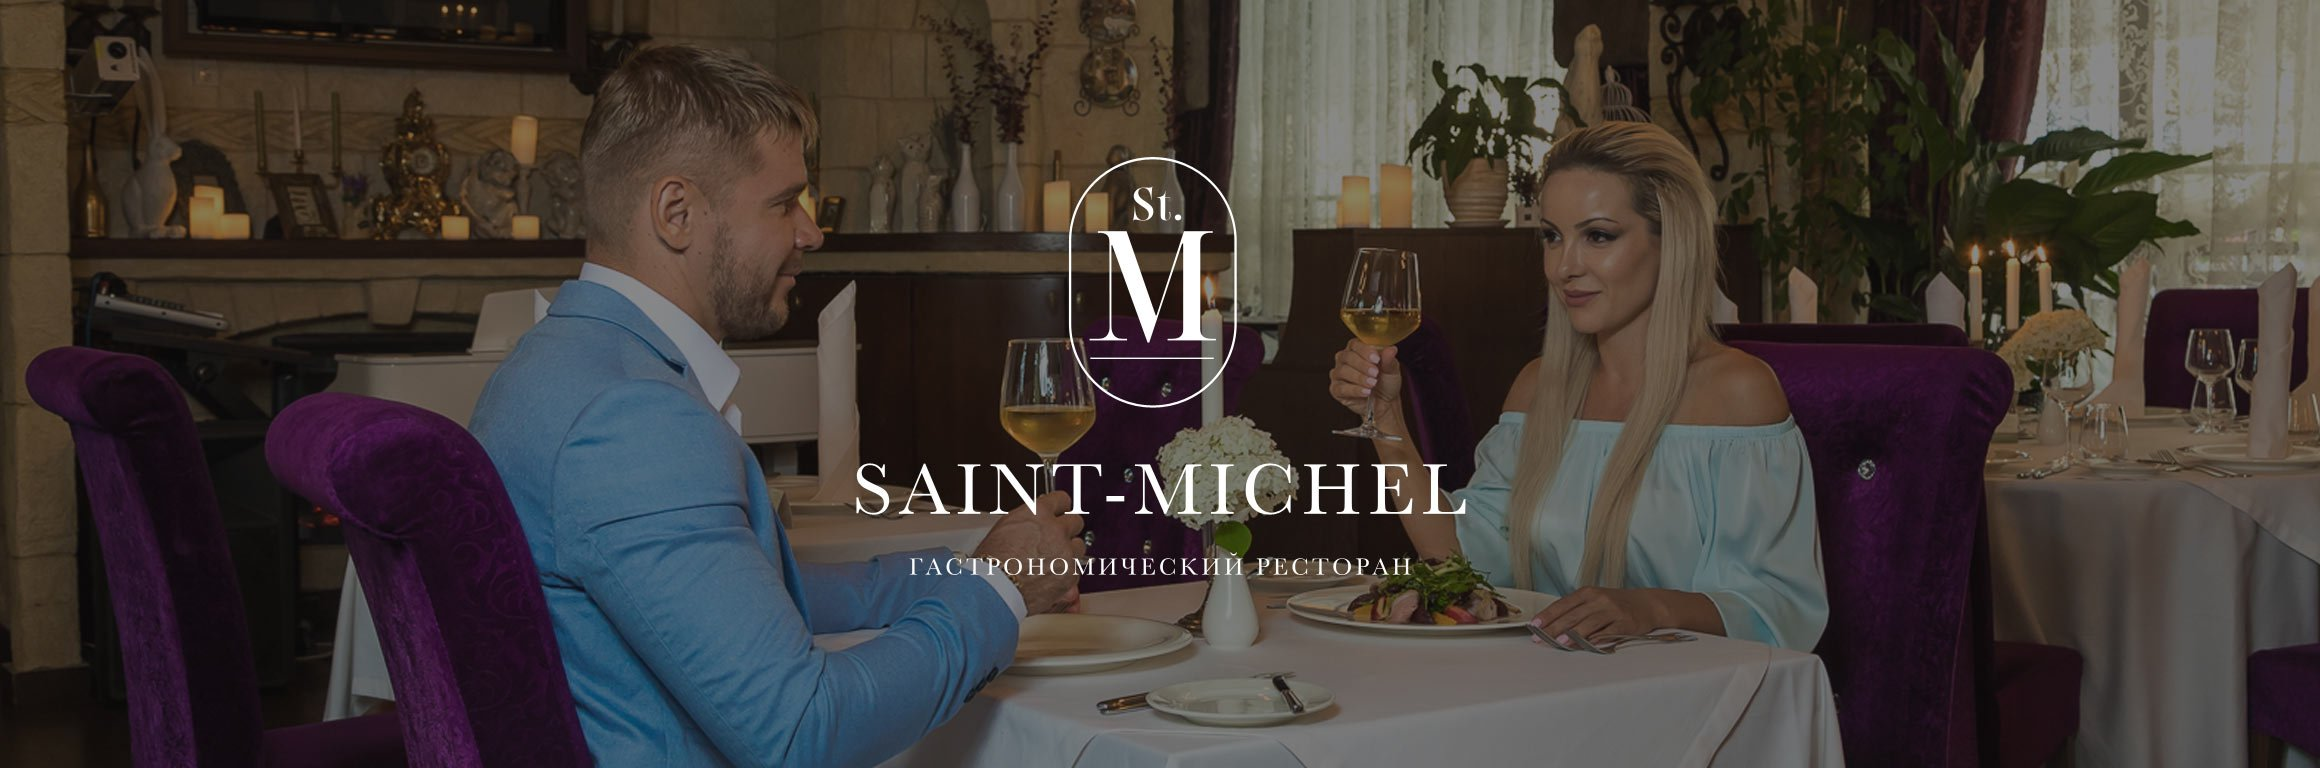 Гастрономический ресторан Saint Michel